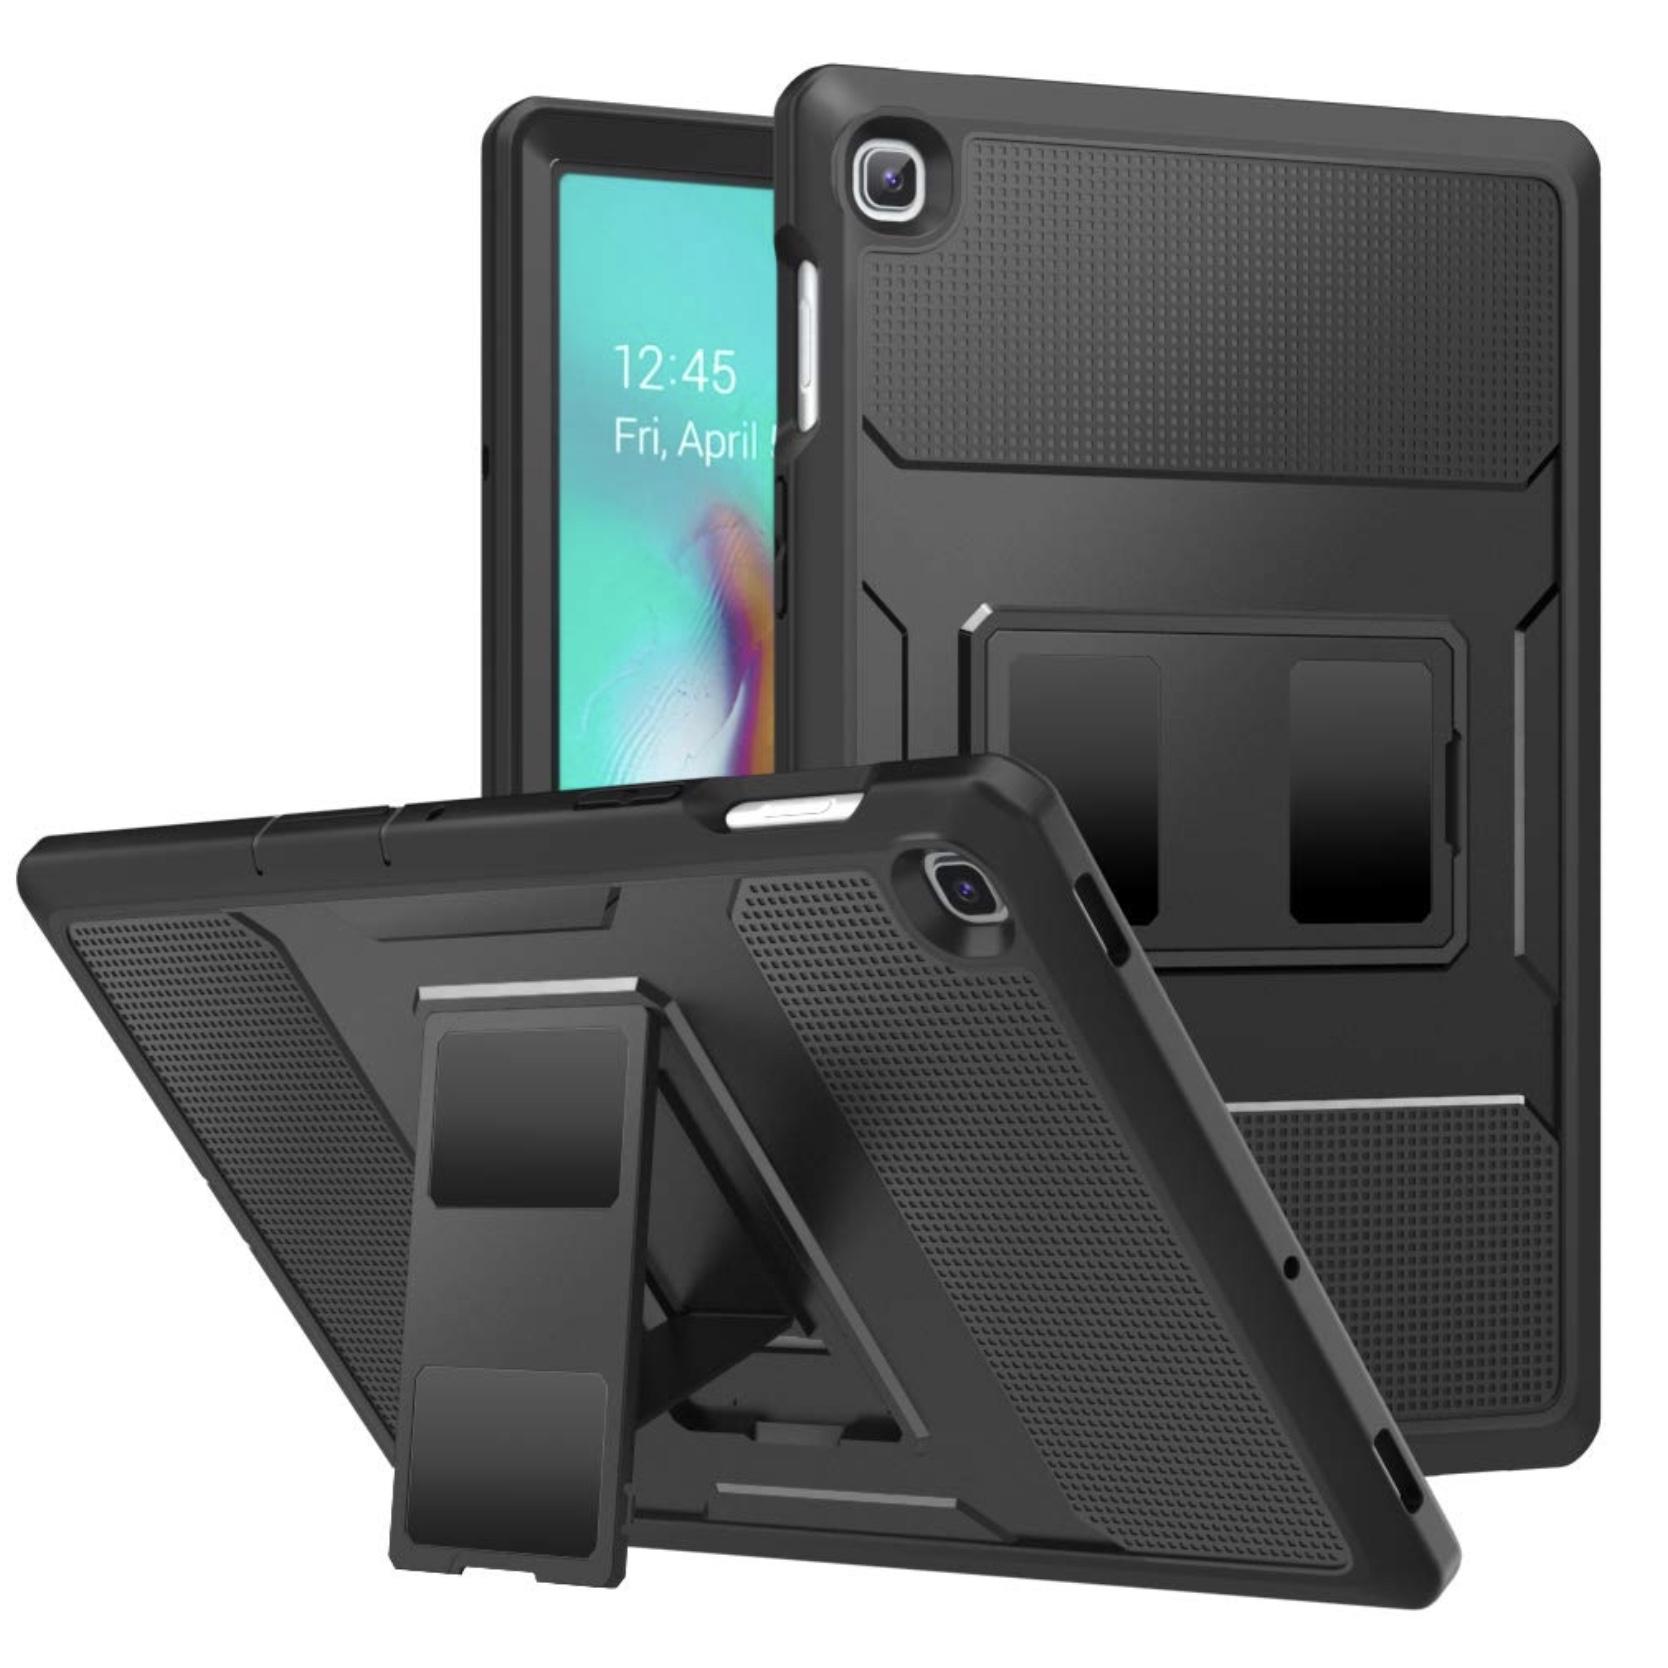 Galaxy TAB S5e 10.5p Coque de protection Pied amovible et film rigide ecran Sidney